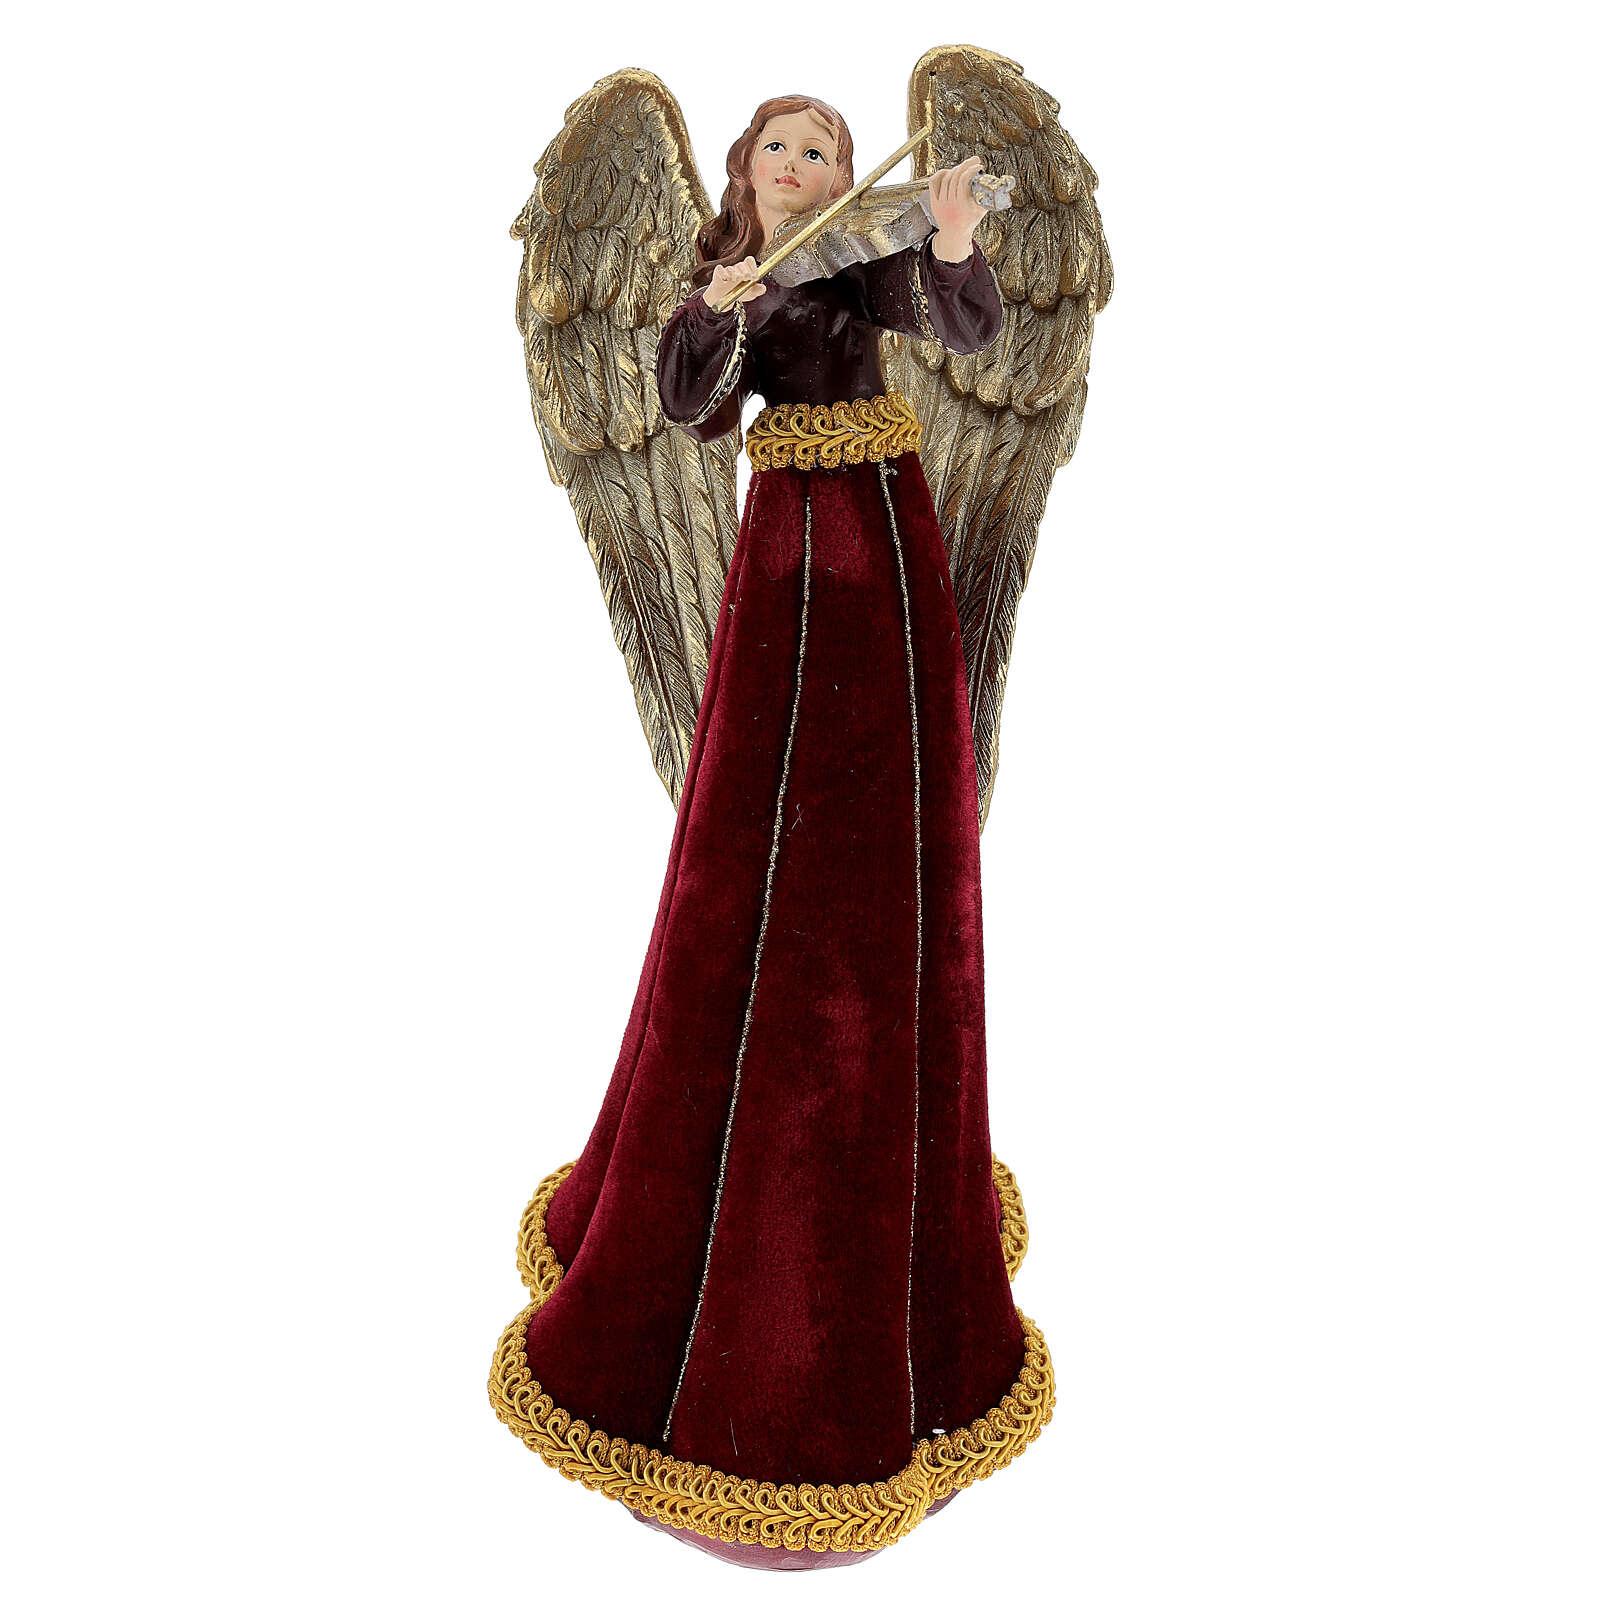 Anioł Bożonarodzeniowy 33 cm ze skrzypcami 3